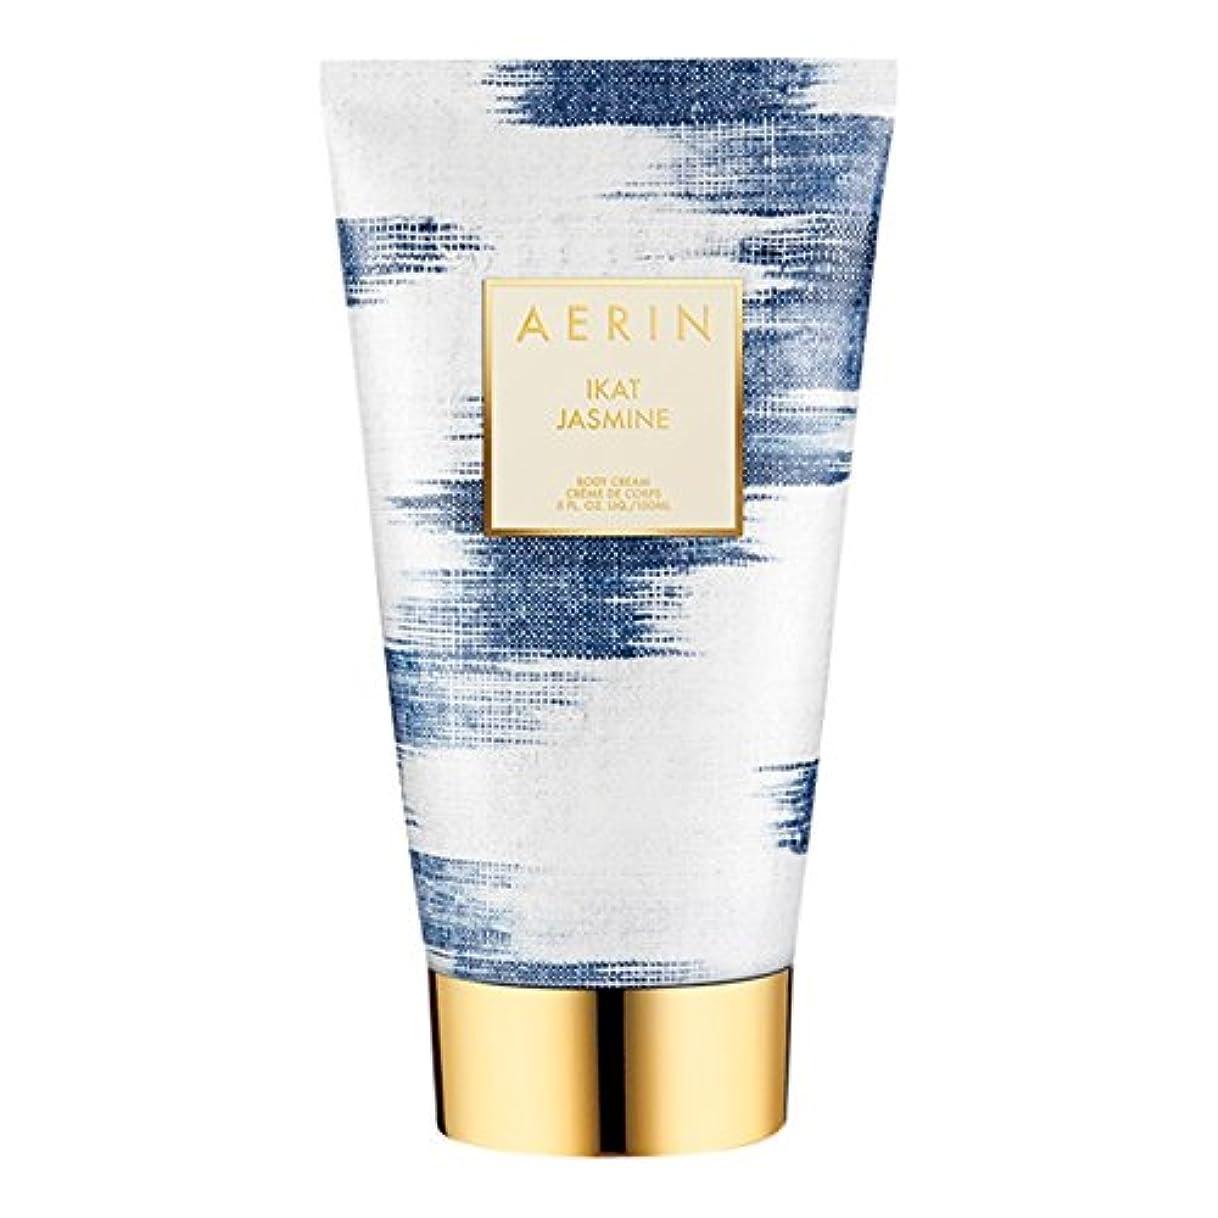 反論者ドキドキ抹消Aerinイカットジャスミンボディクリーム150ミリリットル (AERIN) - AERIN Ikat Jasmine Body Cream 150ml [並行輸入品]